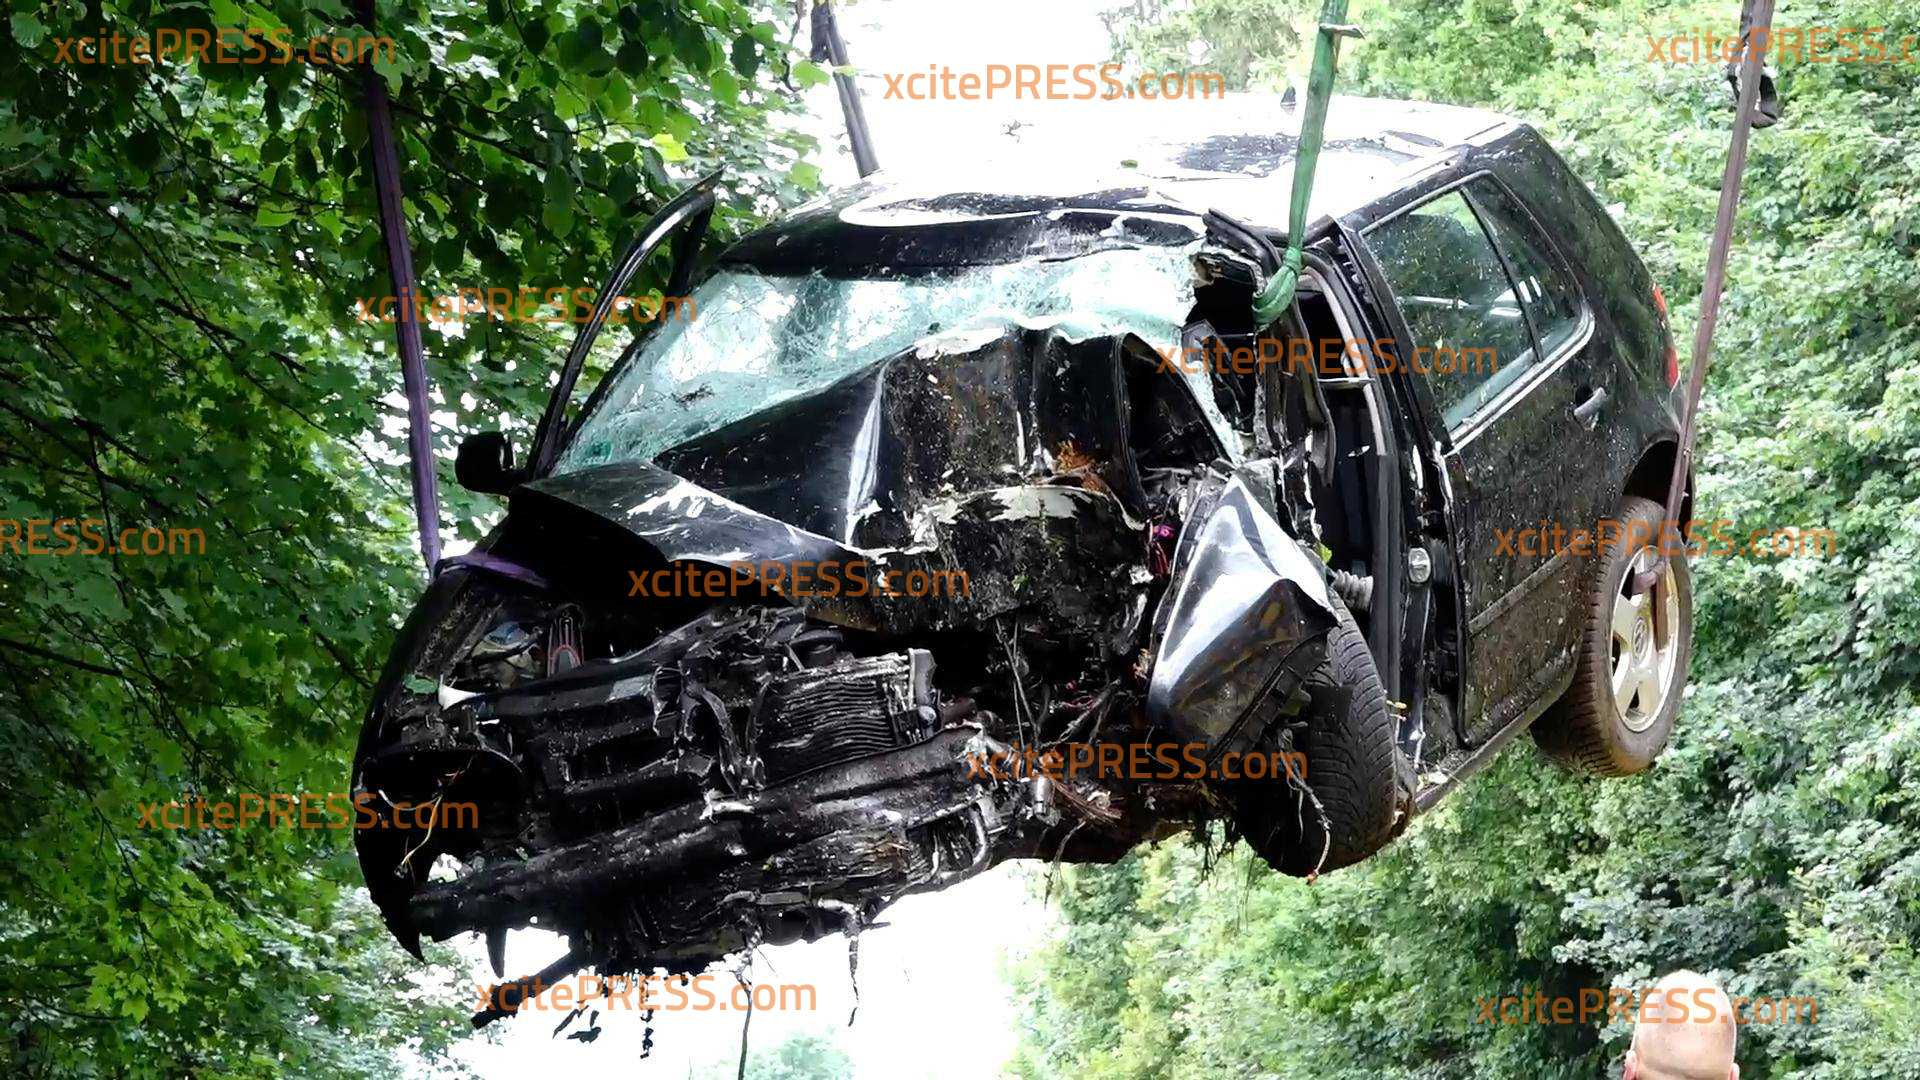 Tödlicher Crash: VW kracht in Baumgruppe - Fahrerseite wird völlig demoliert: Mann kann von Feuerwehr nur noch leblos aus Wrack geborgen werden